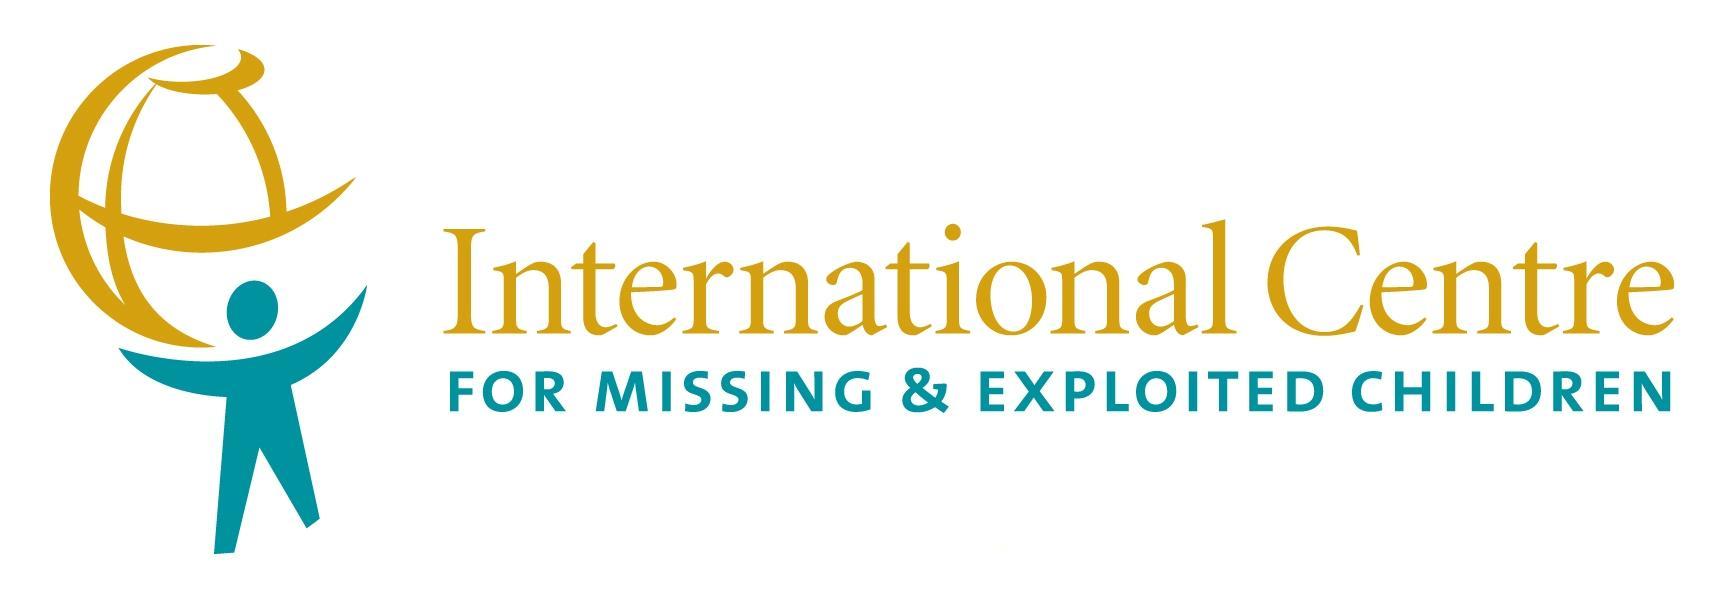 logo for International Centre for Missing  and  Exploited Children